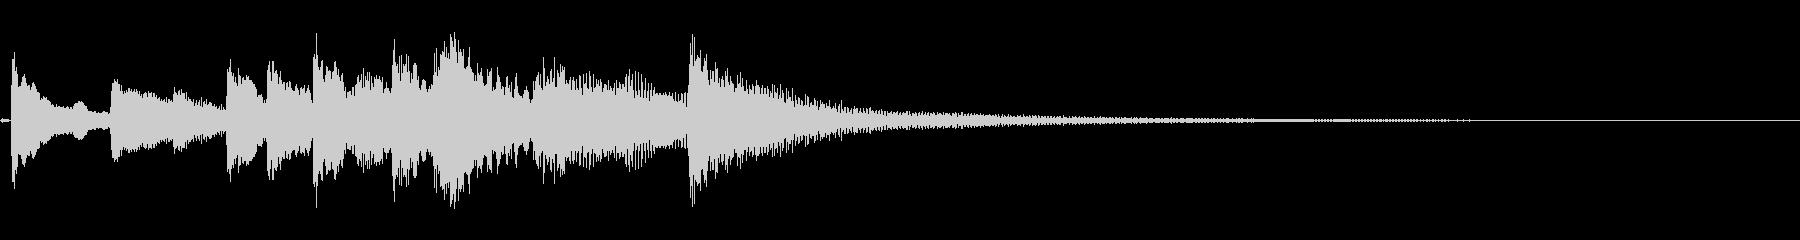 和風 シンプルな琴のジングル6の未再生の波形